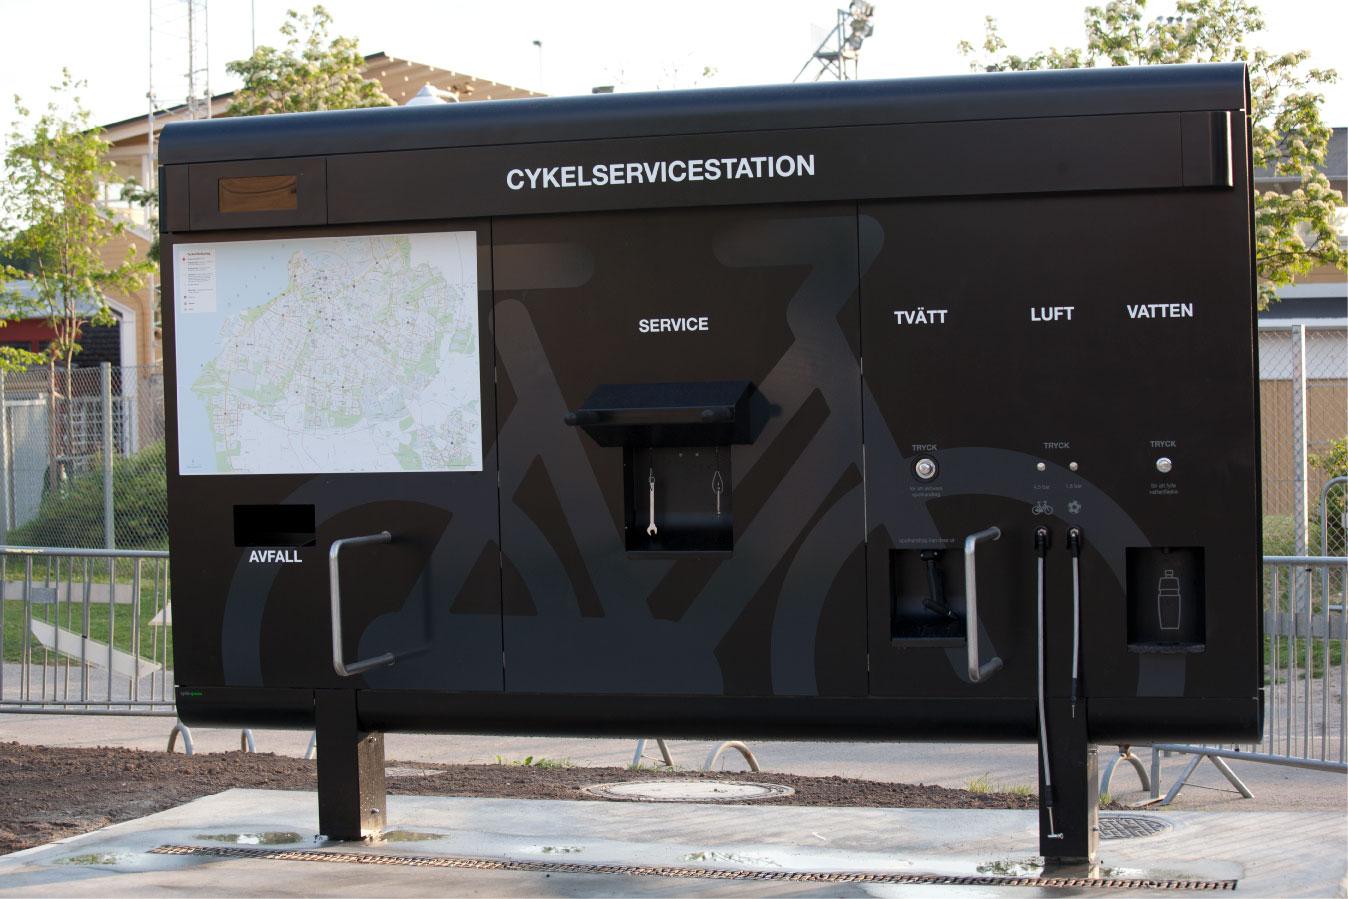 Cyklos cykelservicestation GRAND i Malmö för cyklar med tvätt, luft, verktyg och påfyllning av dricksvatten.